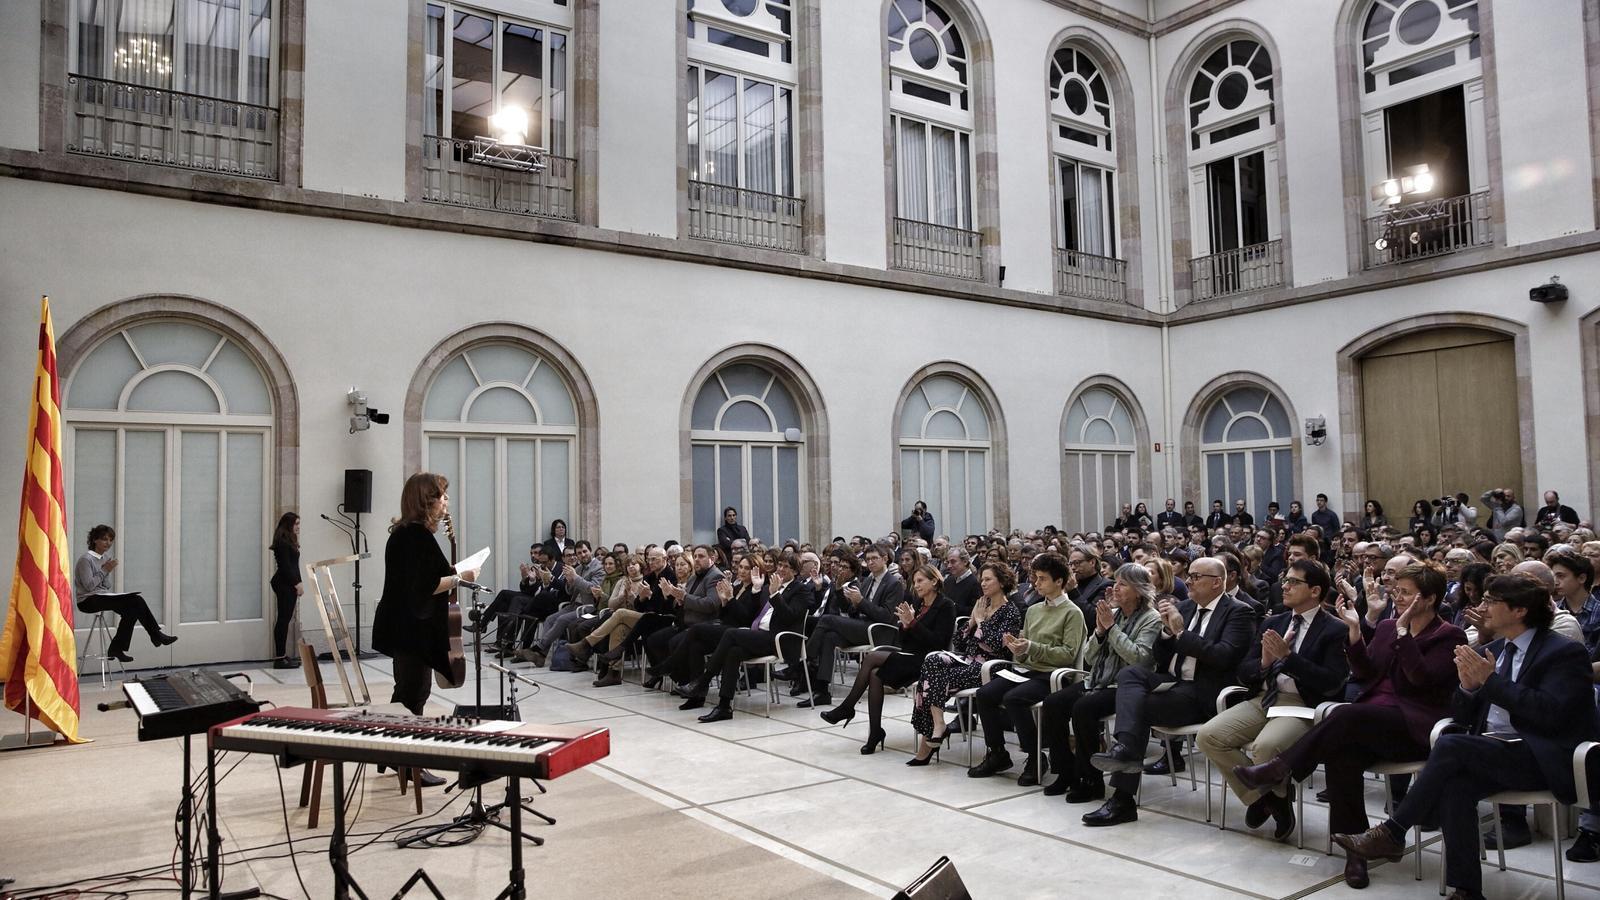 El món polític català s'ha reunit per homenatjar Muriel Casals / PERE VIRGILI